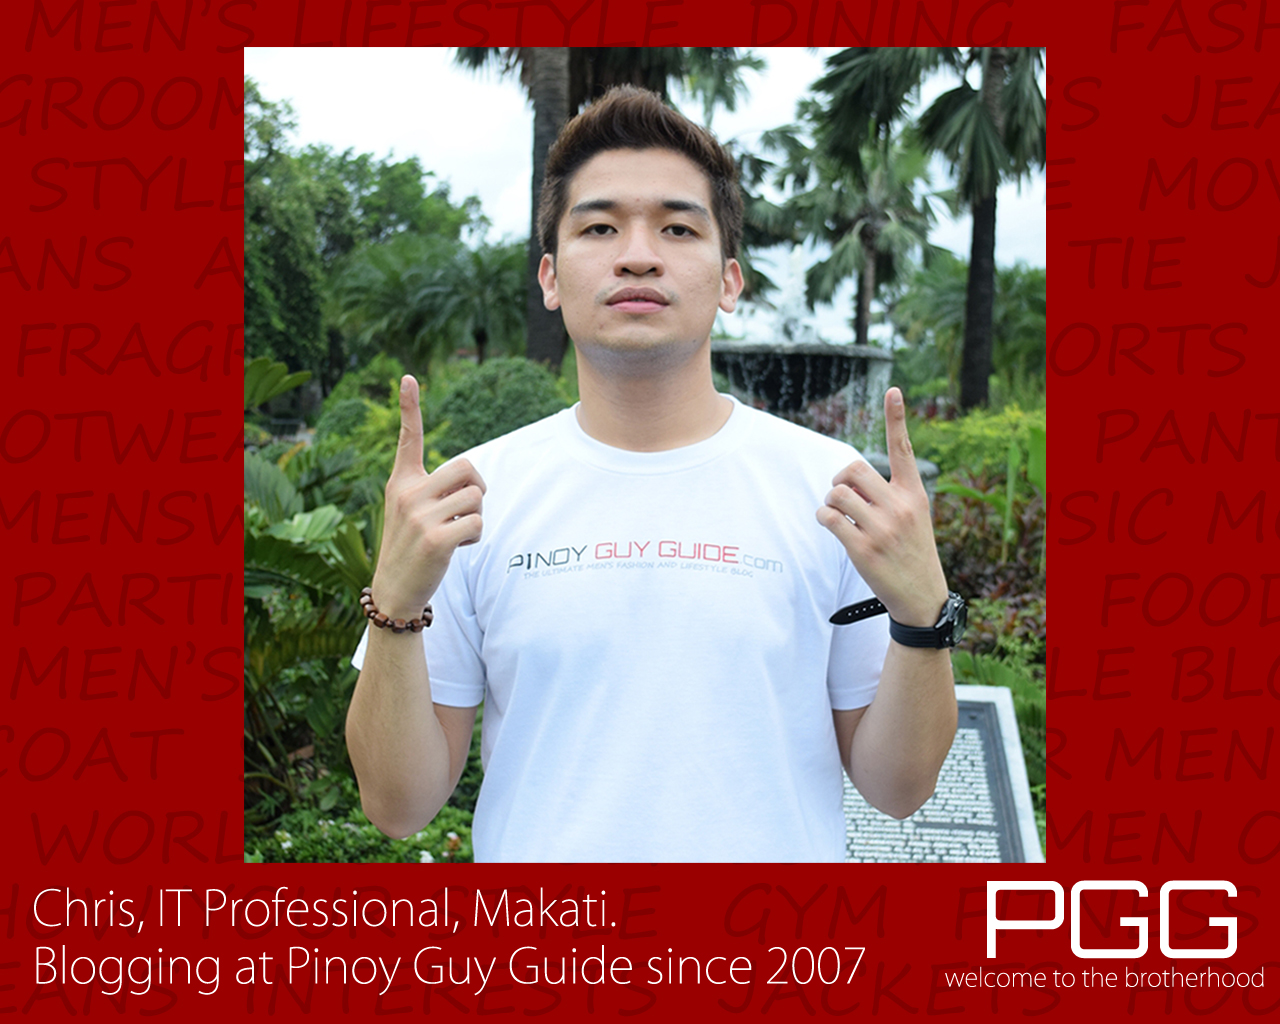 PGG Project Brotherhood - Chris